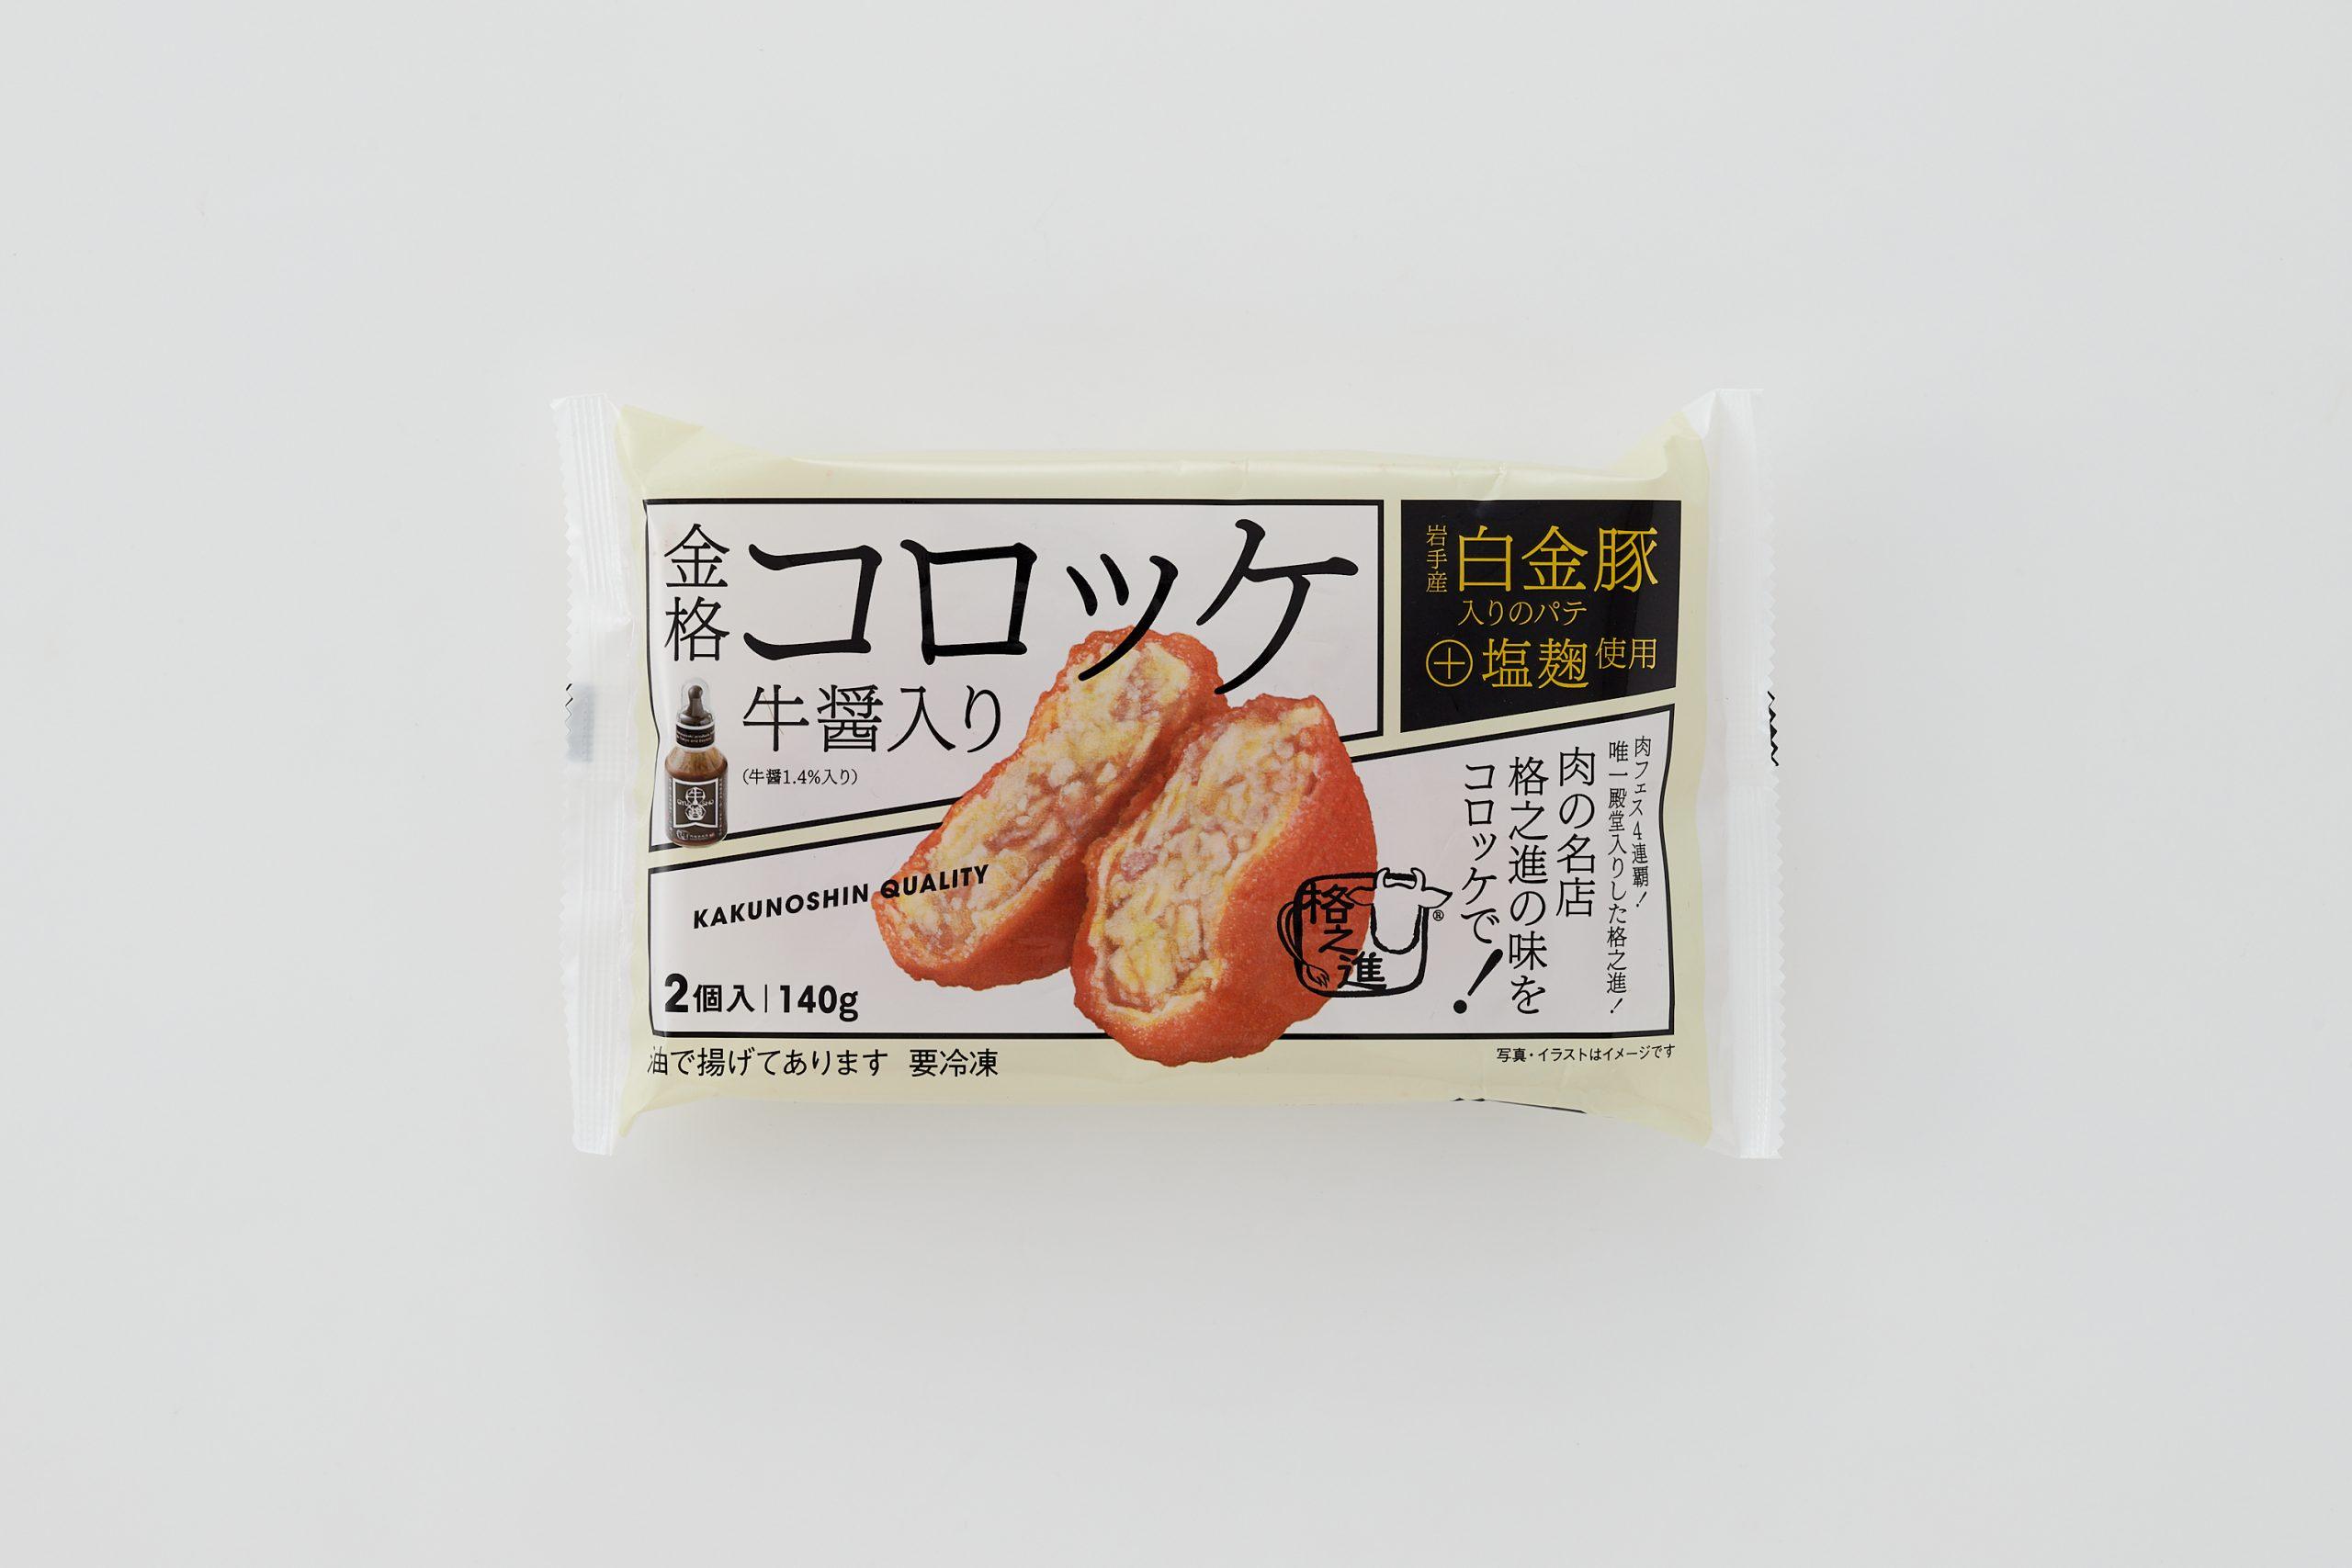 『金格コロッケ 牛醤入り』